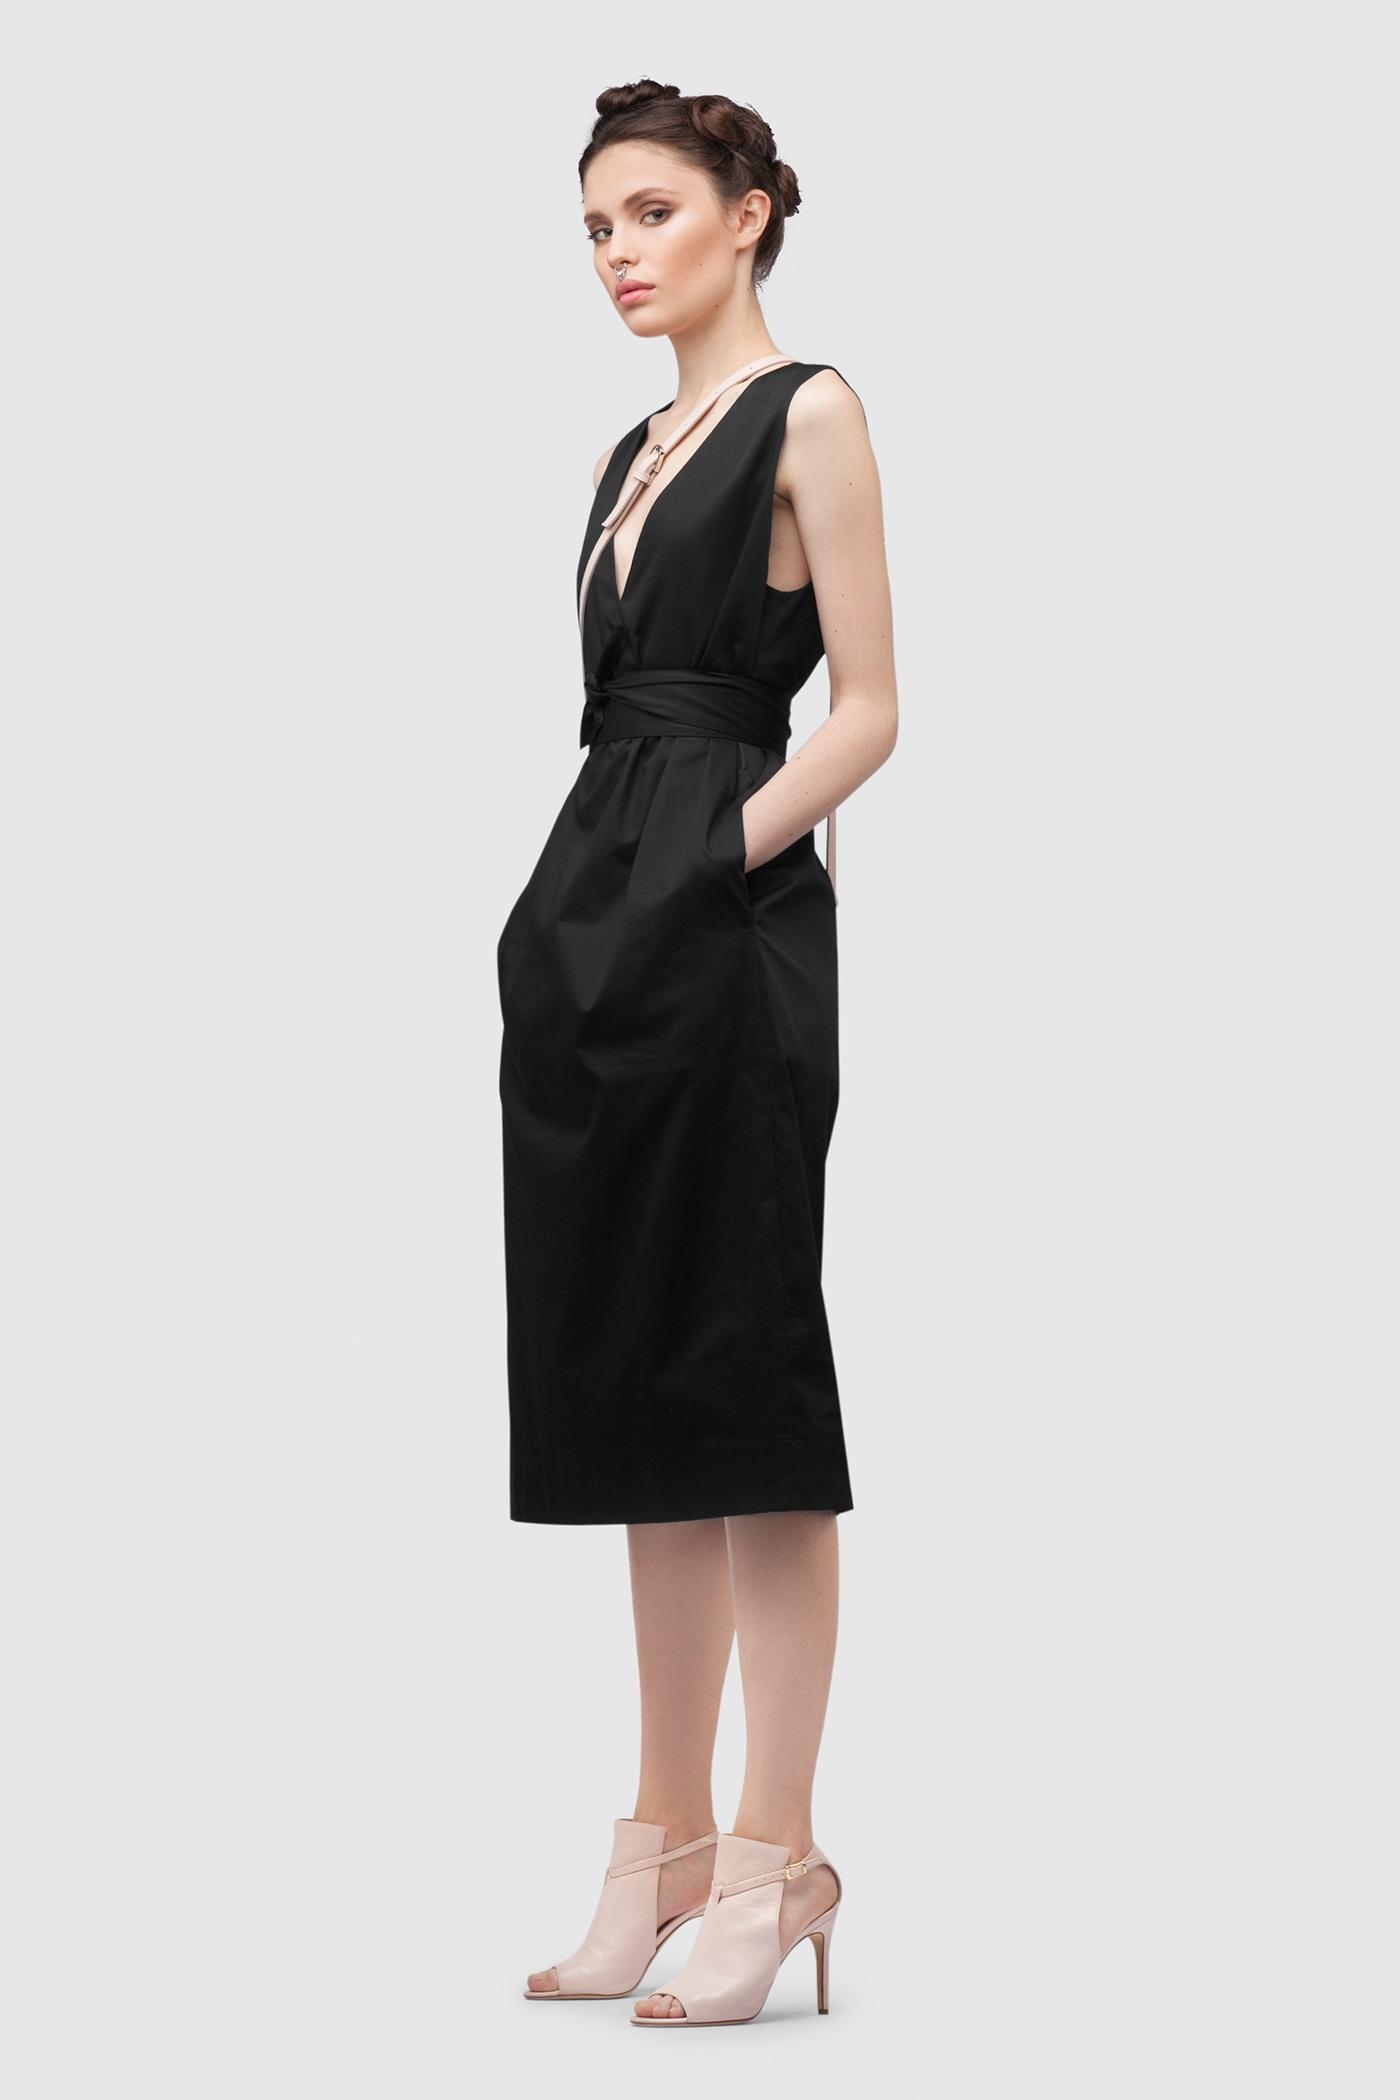 ПлатьеПлатье средней длины прямого силуэта из хлопка с глубоким V-образным вырезом. Драпируется с помощью тканного пояса.&#13;<br>&#13;<br>&#13;<br>без рукавов&#13;<br>&#13;<br>имеет карманы в боковых швах&#13;<br>&#13;<br>с подкладкой&#13;<br>&#13;<br>свободный силуэт, платье можно носить как с поясом, так и без&#13;<br>&#13;<br>дышащий хлопок — идеальное платье для жаркого лета&#13;<br>&#13;<br>длина изделия по спинке 107 см в ростовке 164-170 см., длина может изменятся в зависимости от размера и ростовки&#13;<br>&#13;<br>размер и другие нюансы уточняются при заказе, мы с вами связываемся по указному вами номеру телефона<br><br>Цвет: Черный<br>Размер: XXS, XS, S, M